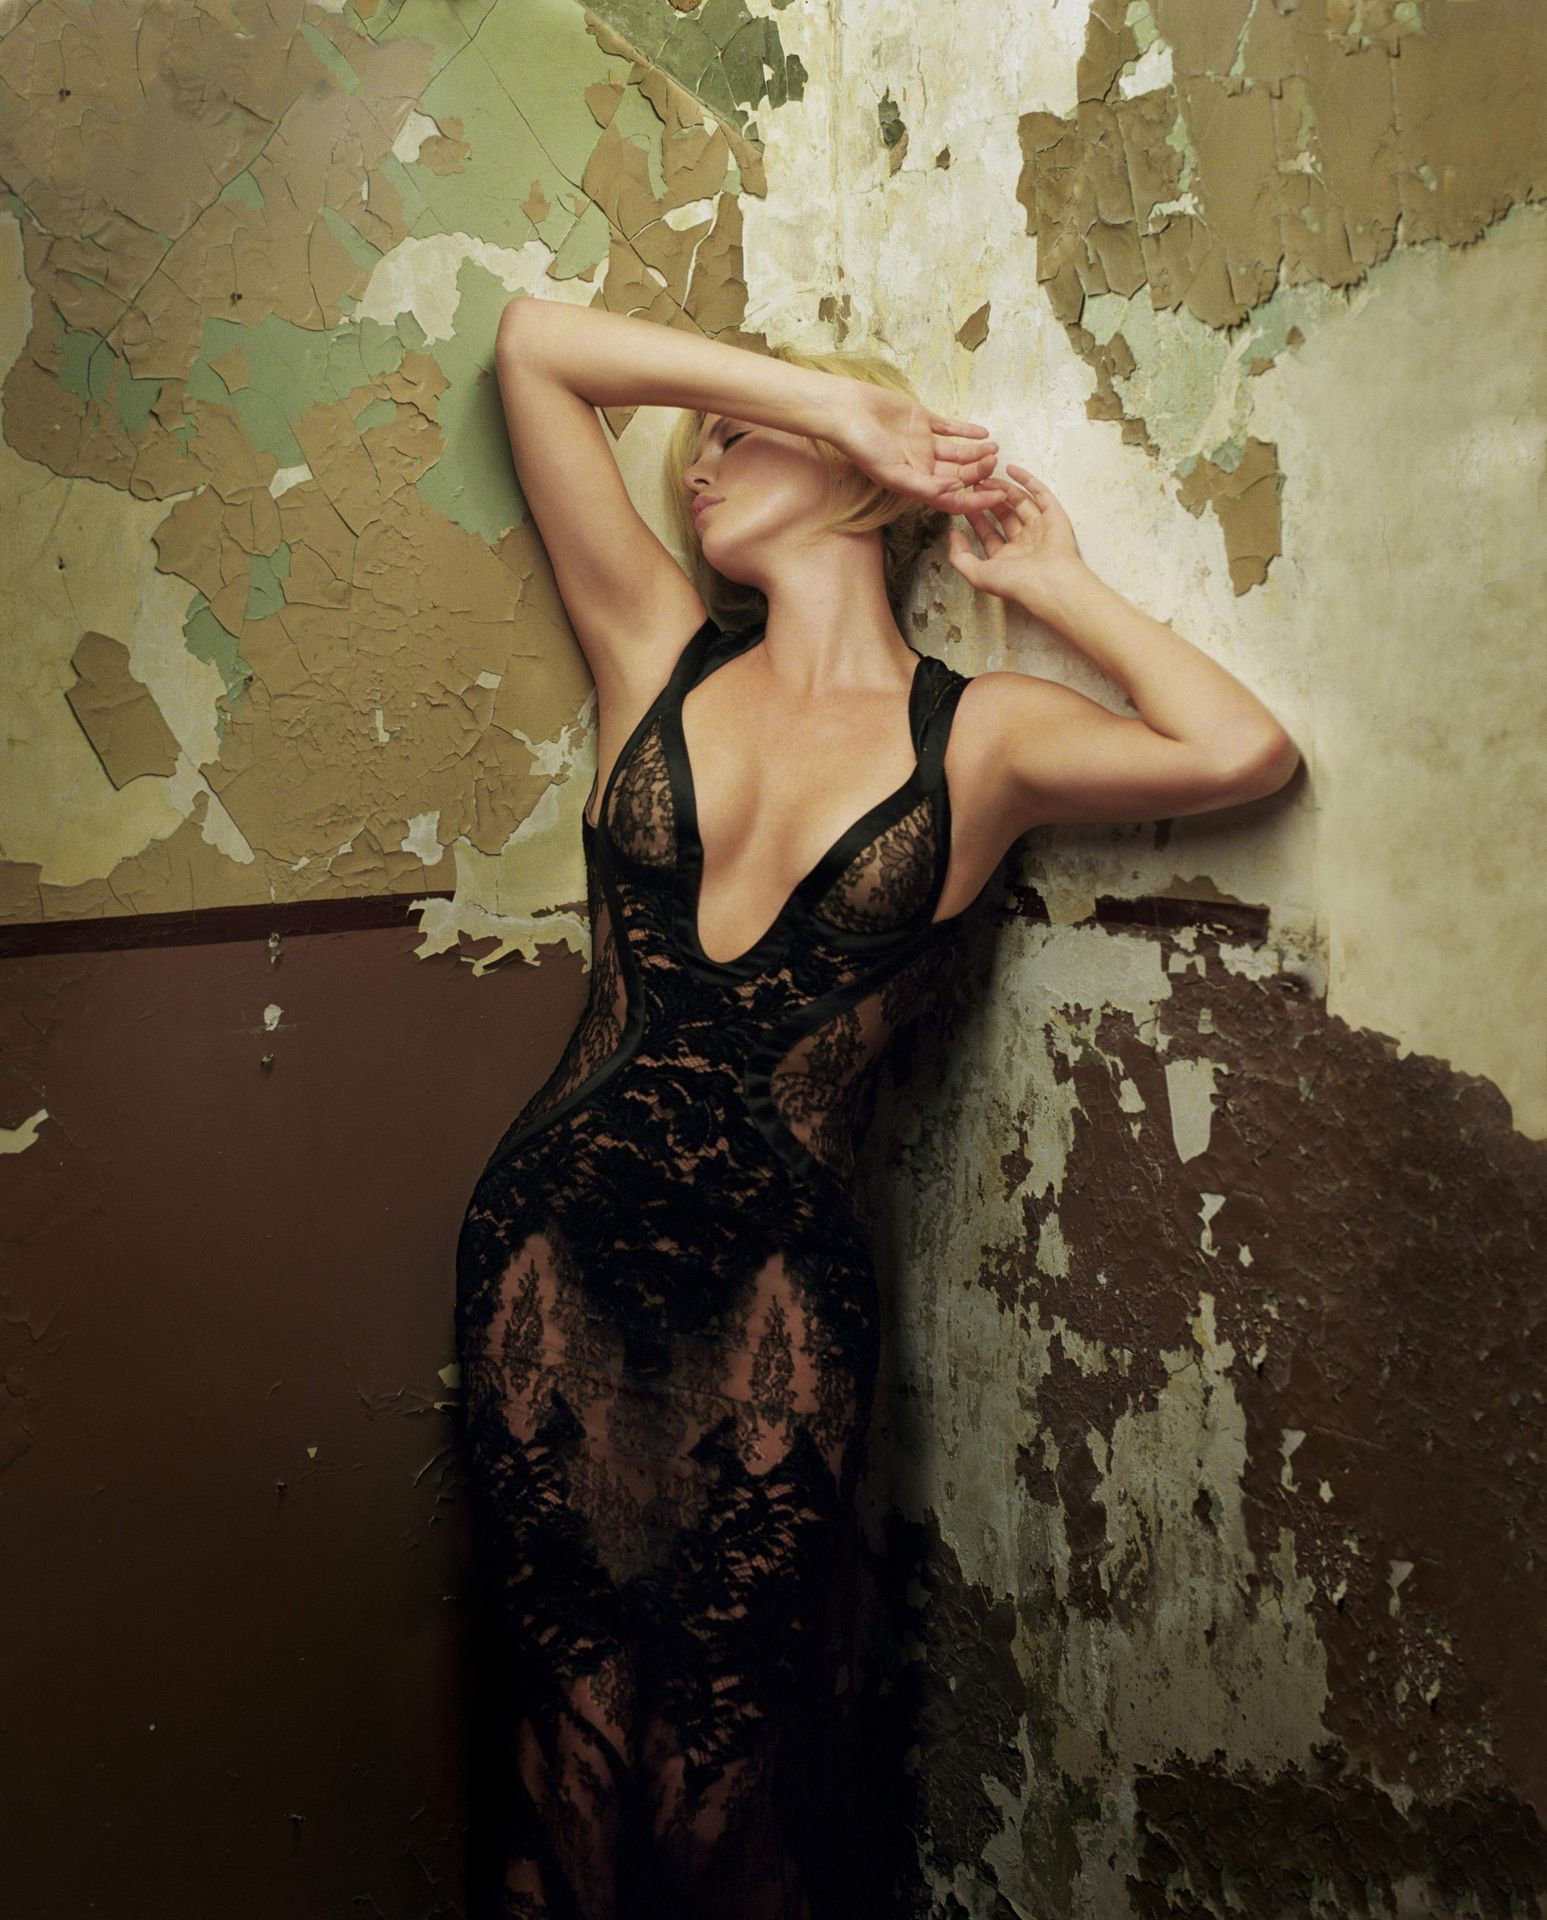 Фото голылых женщин полностью певиц эстрады 13 фотография